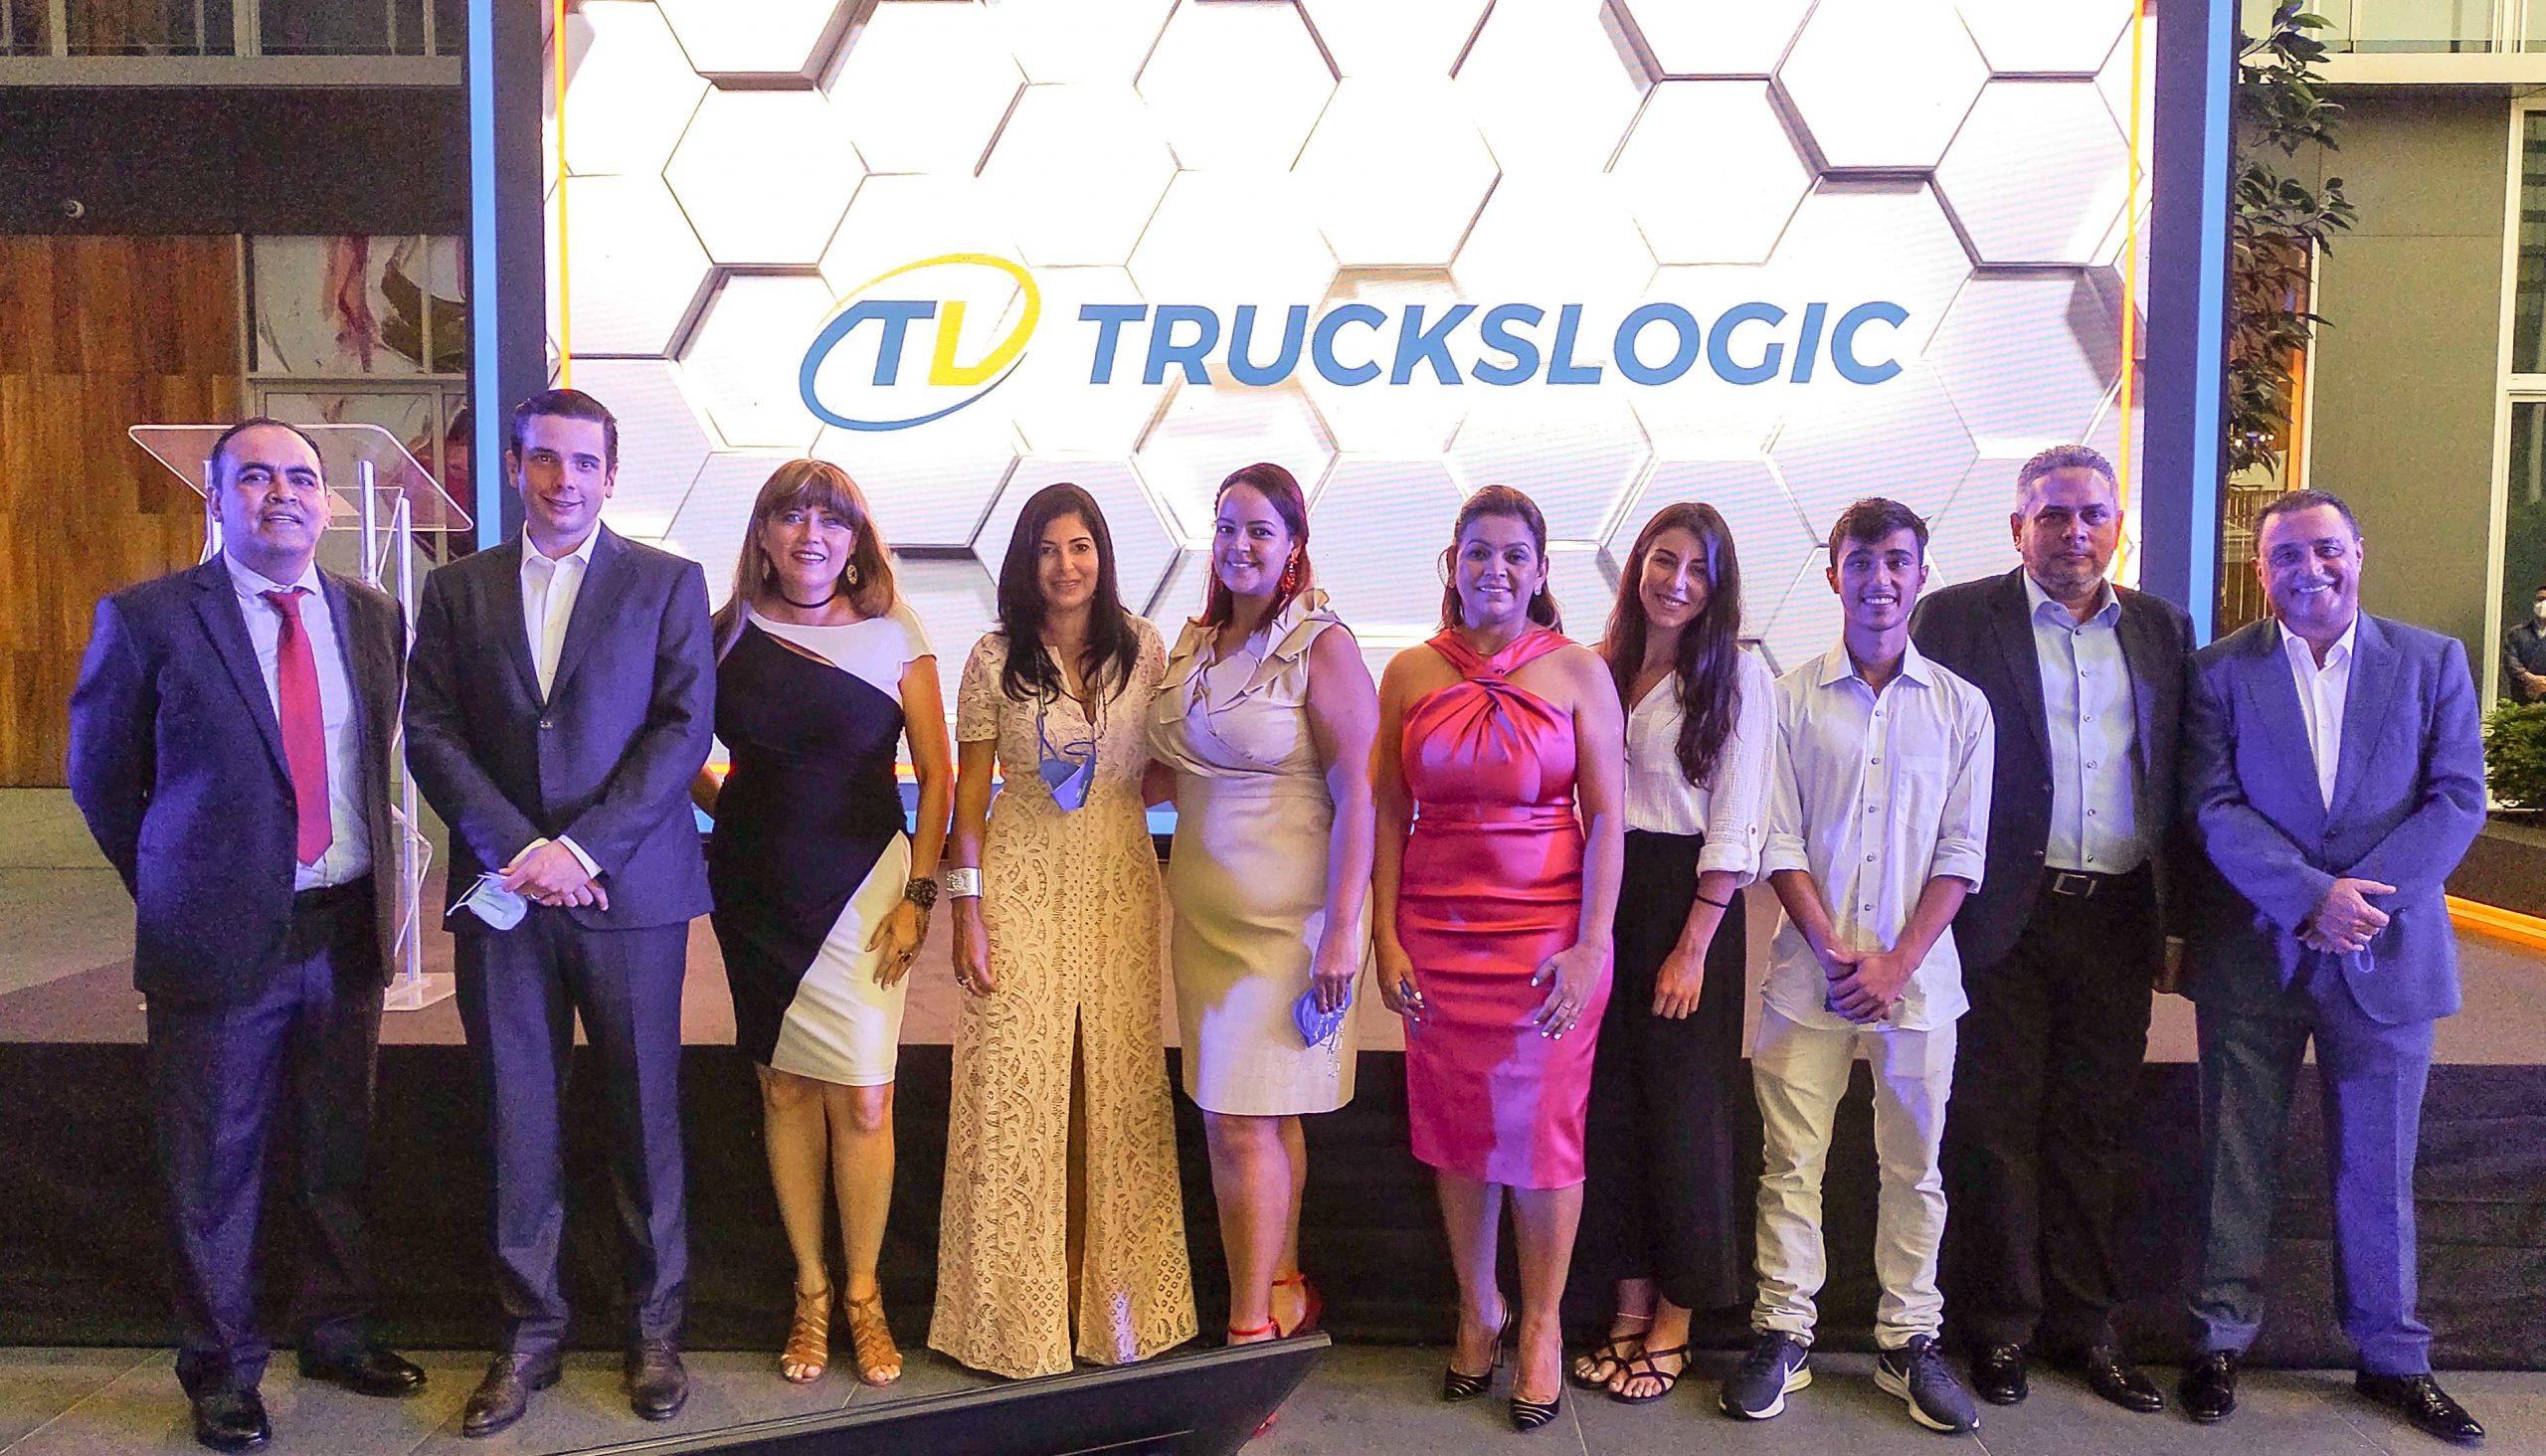 Un nuevo socio de transporte y logística en Guatemala - Prensa Libre